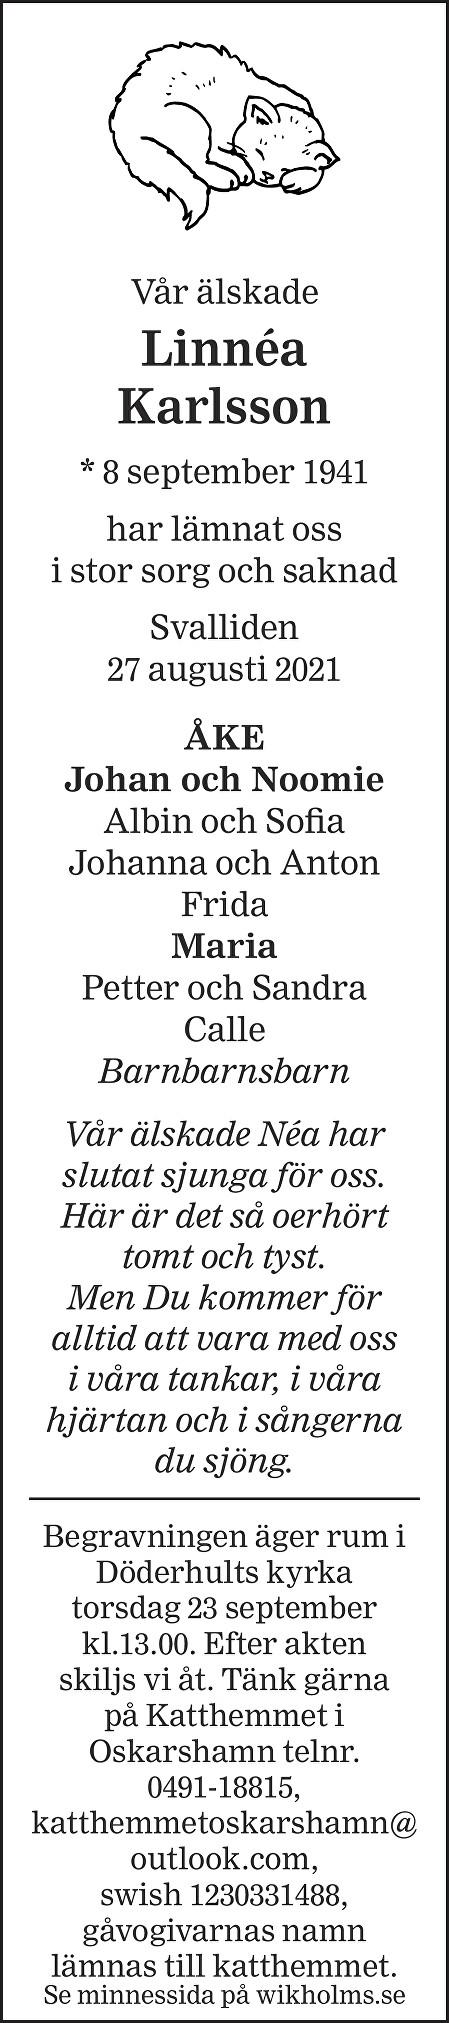 Linnéa Karlsson Death notice